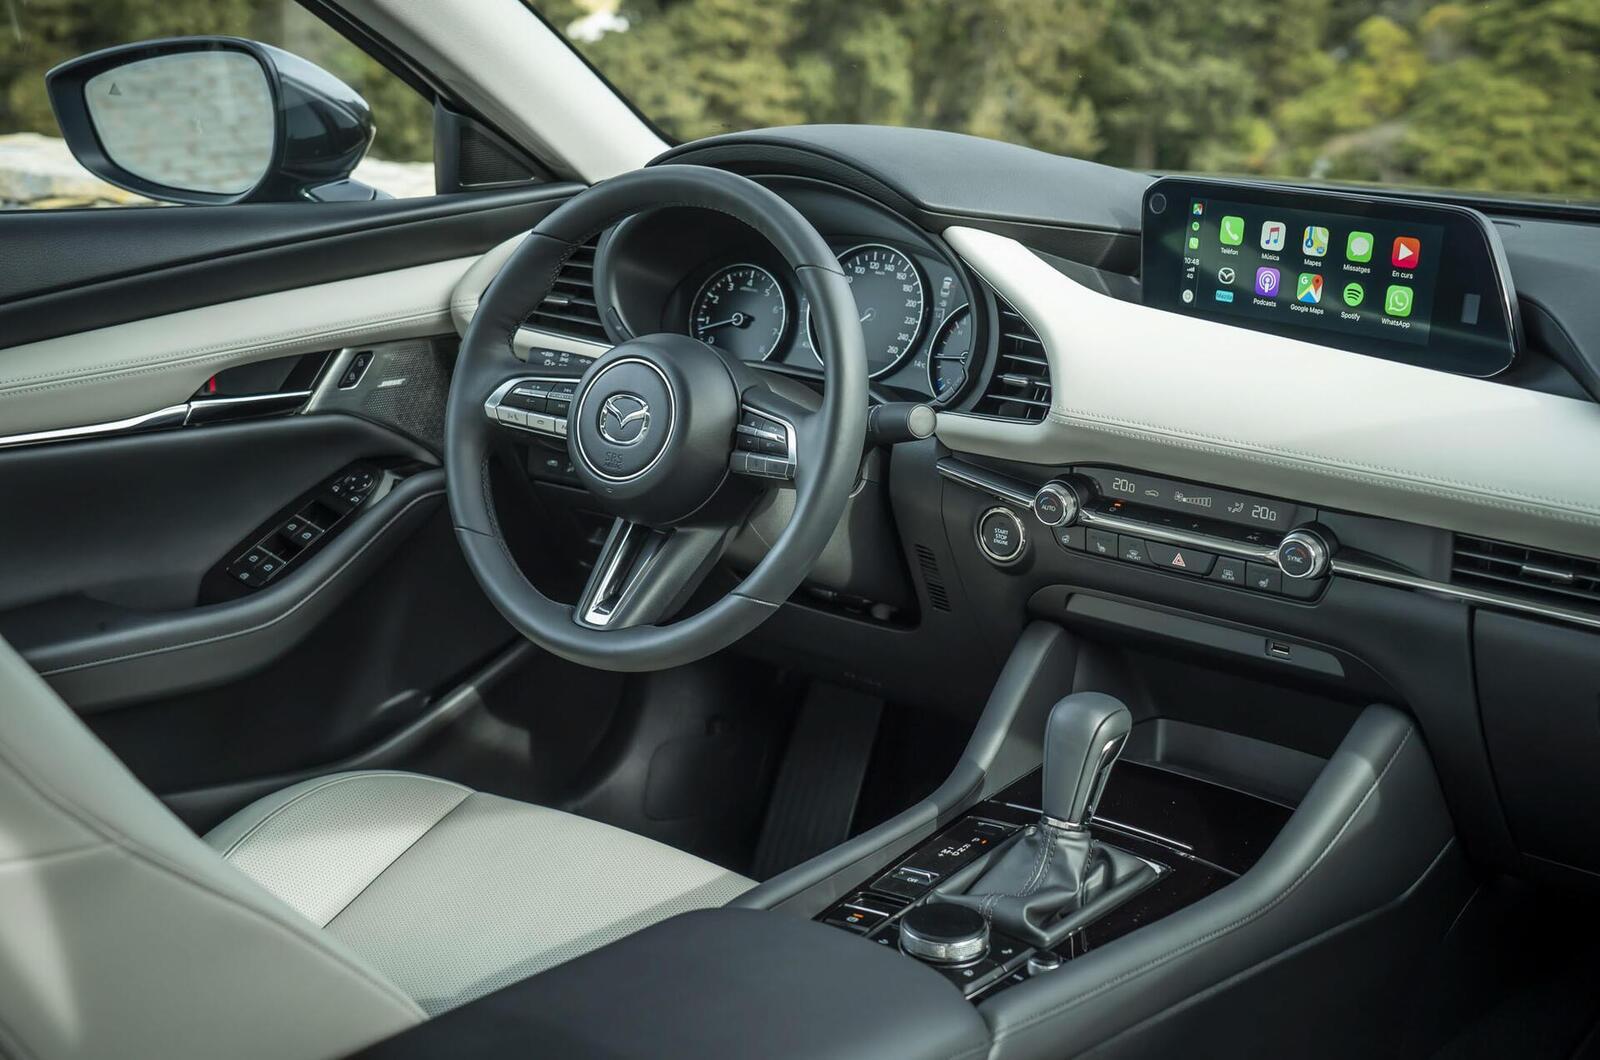 Mazda3 thế hệ mới chốt lịch ra mắt tại Malaysia vào tháng sau; giá dự kiến từ 764 triệu đồng - Hình 9